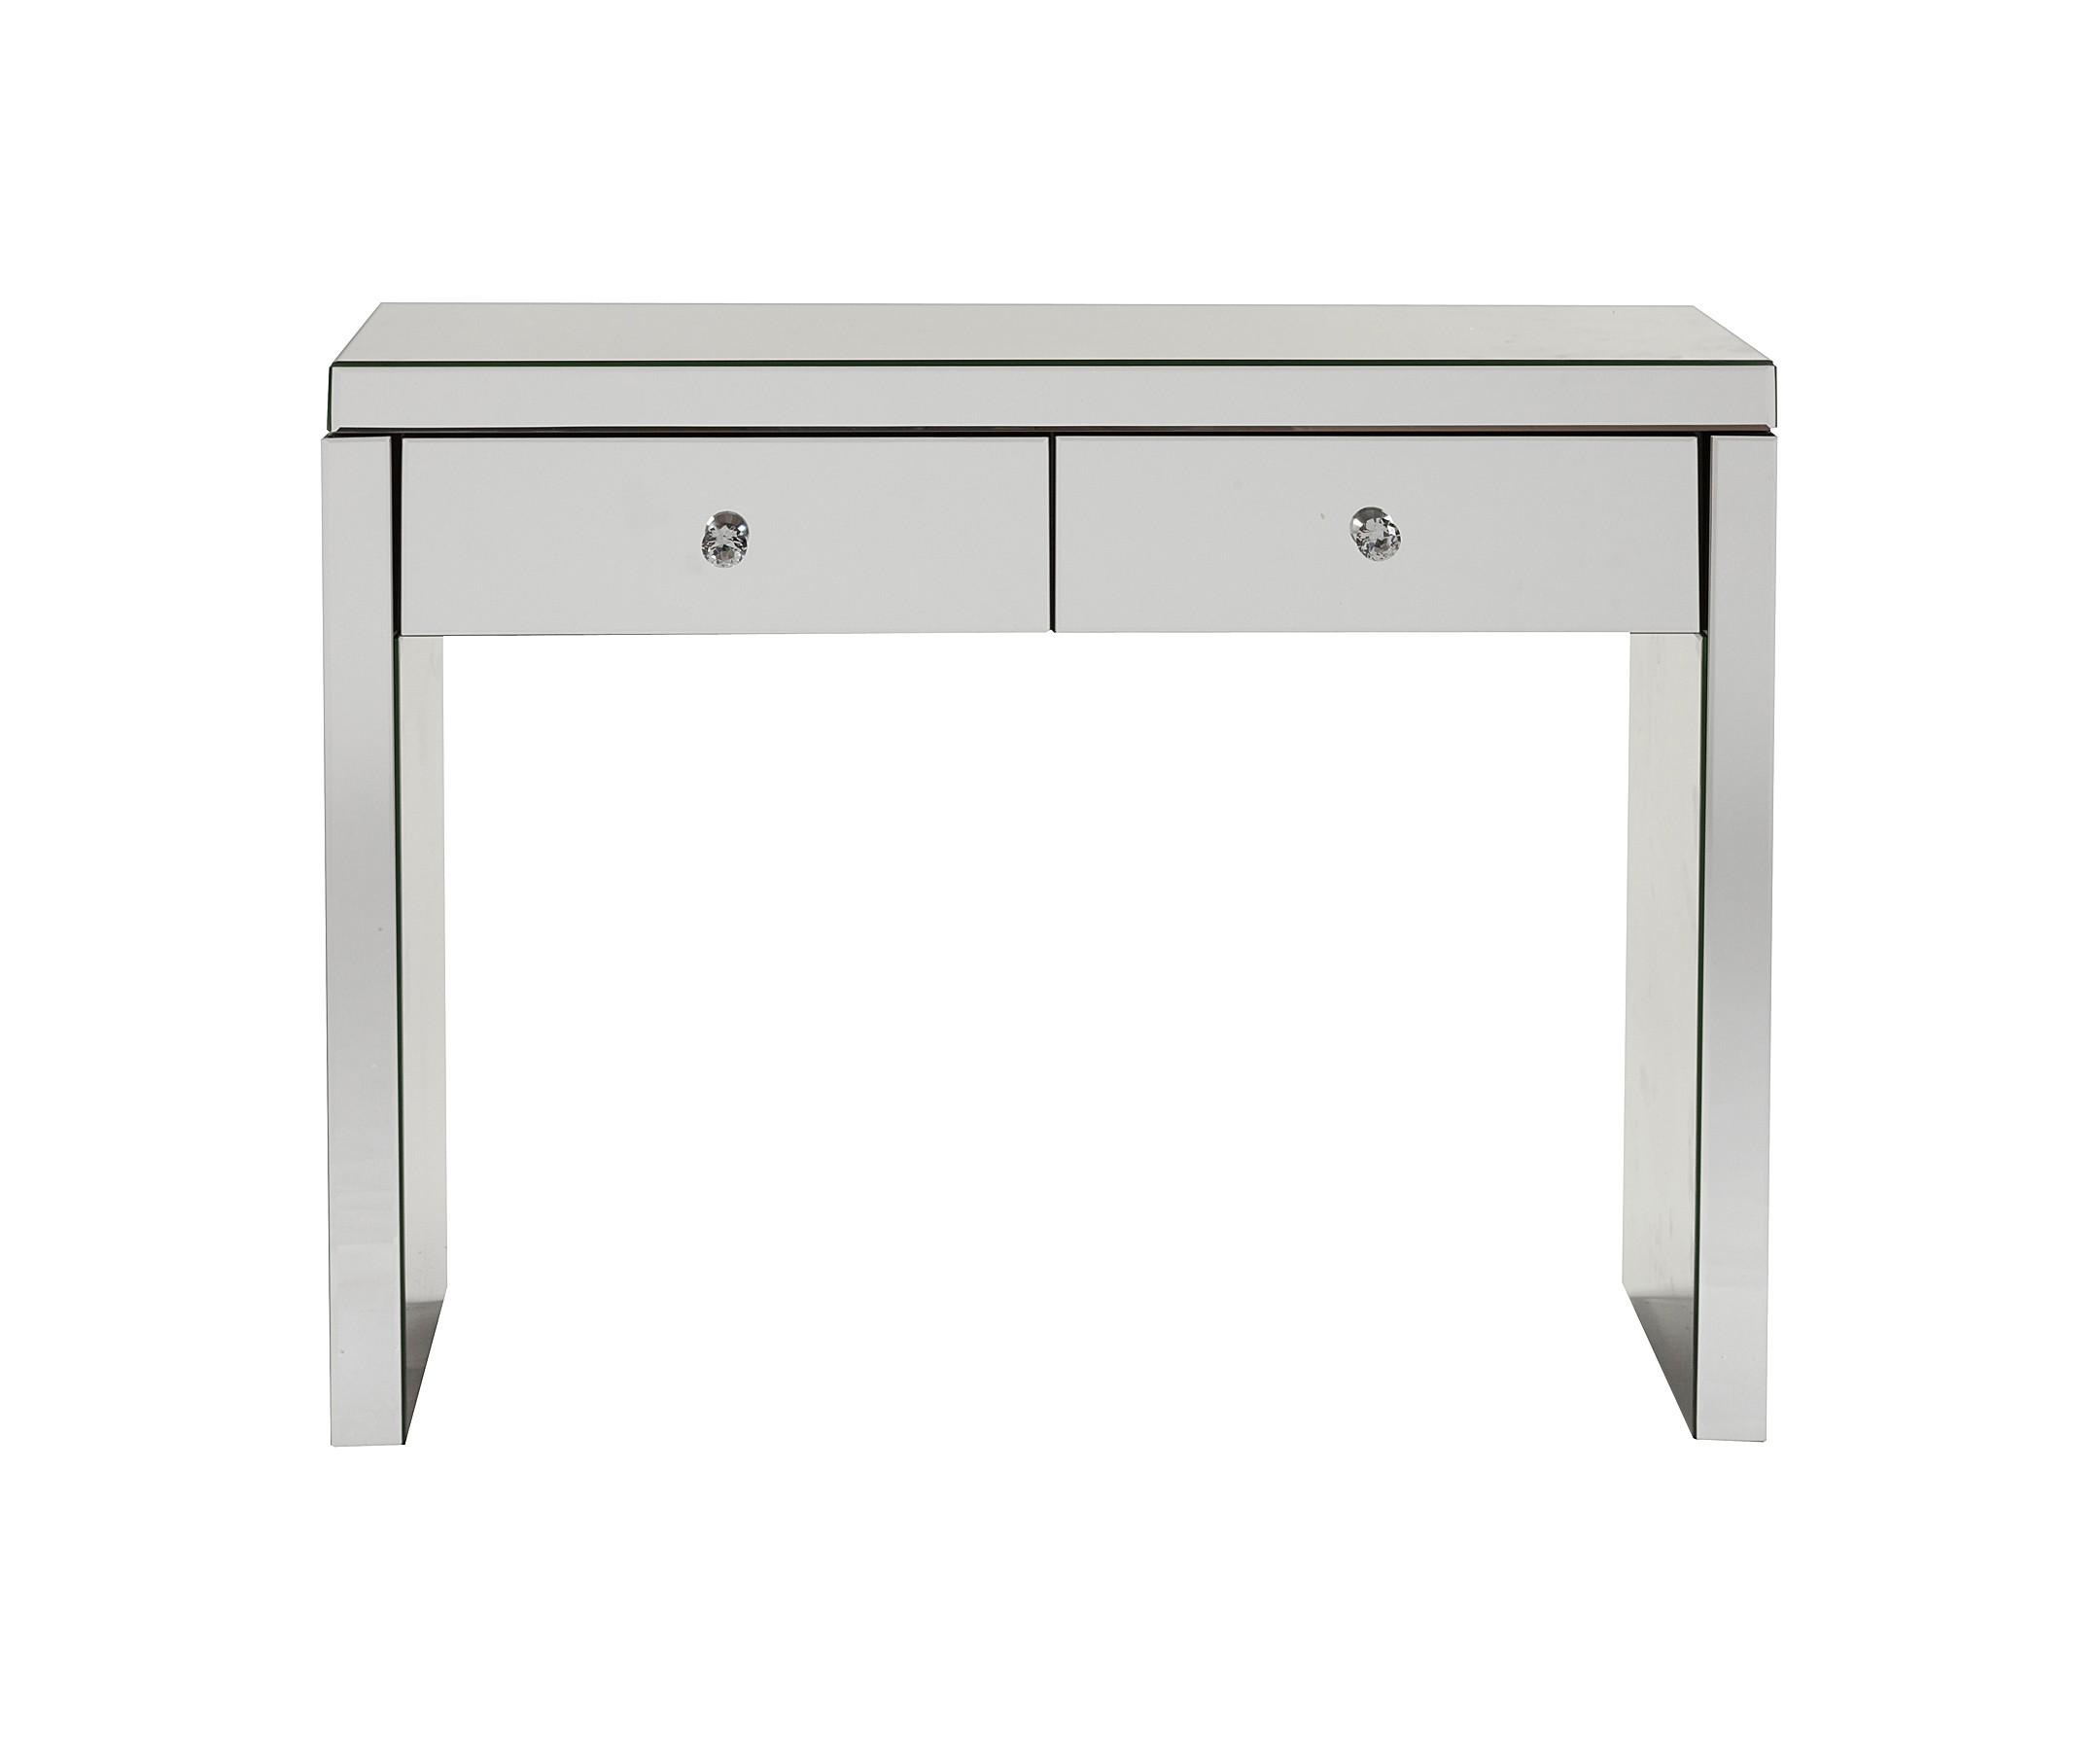 Зеркальный консольный столик LimogesКонсоли с ящиками<br><br><br>Material: Стекло<br>Width см: 100<br>Depth см: 36<br>Height см: 76